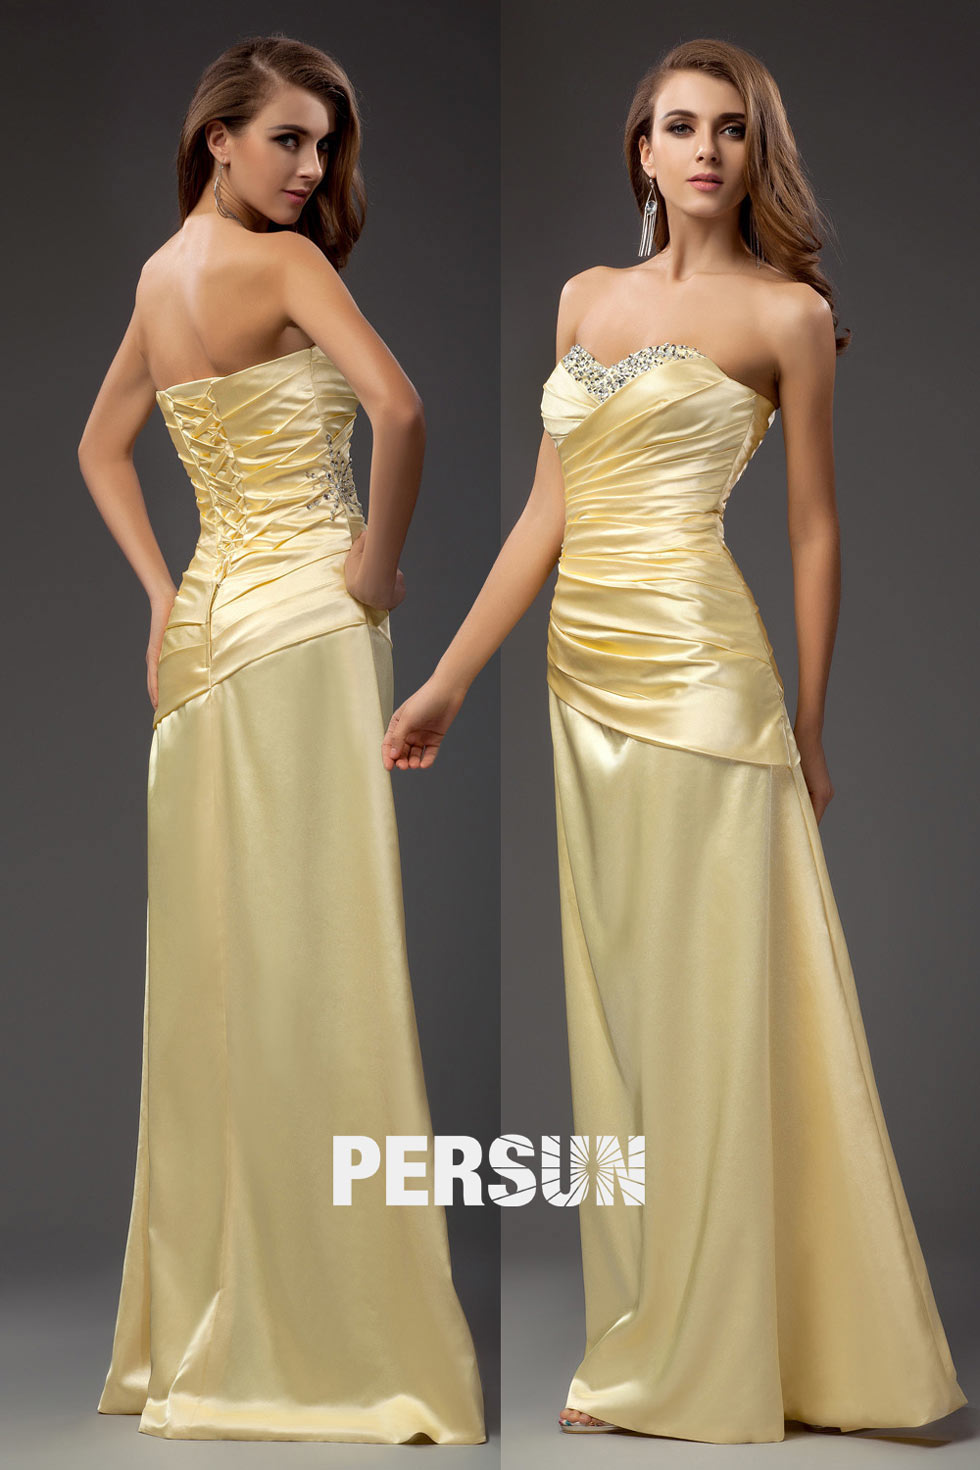 robe jaune claire habillée à bustier plissé